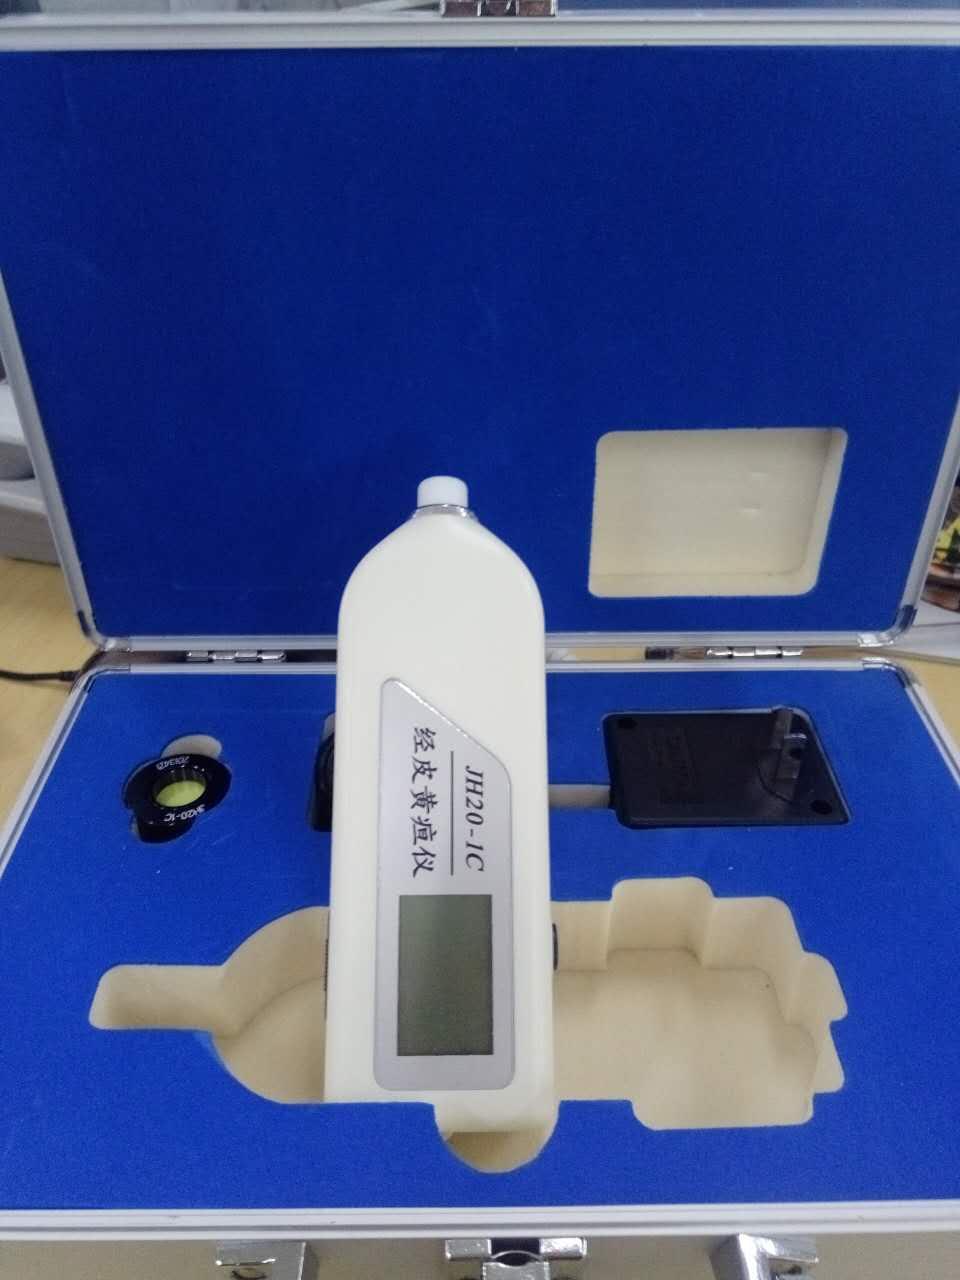 南京理工JH20-1C经皮黄疸测定仪多少钱?